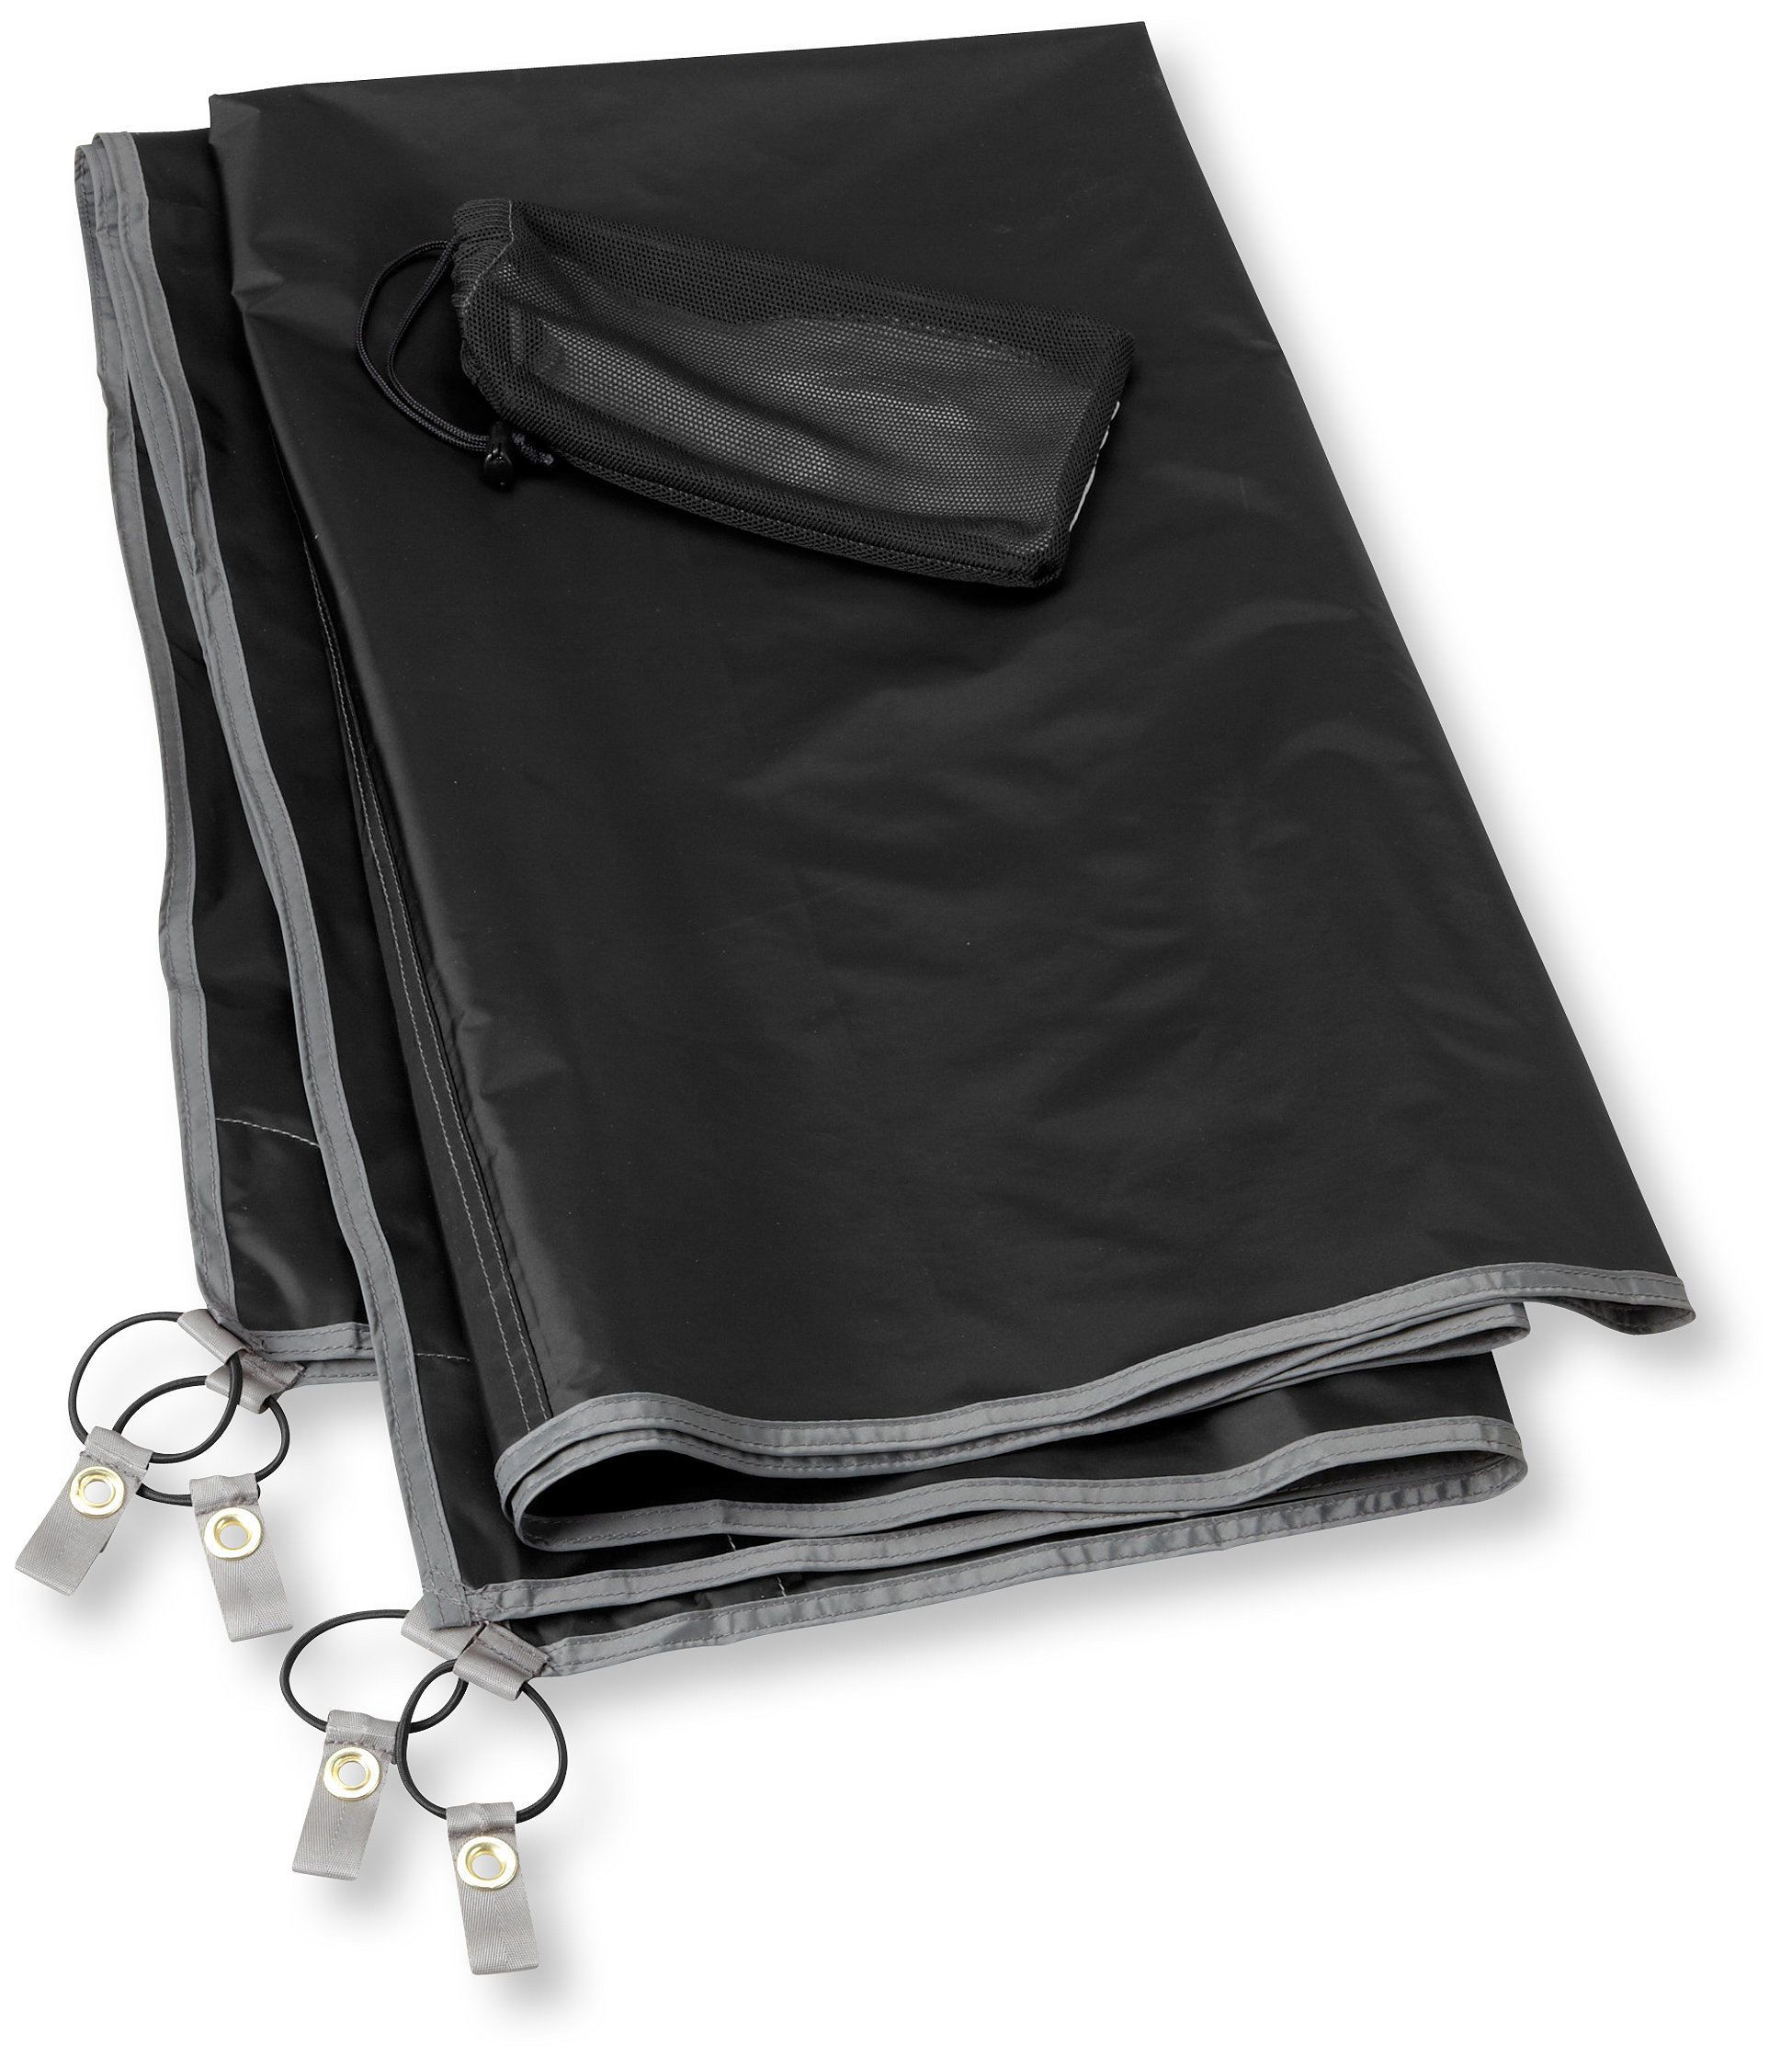 L.L.Bean Mountain Light XT 3-Person Tent Footprint